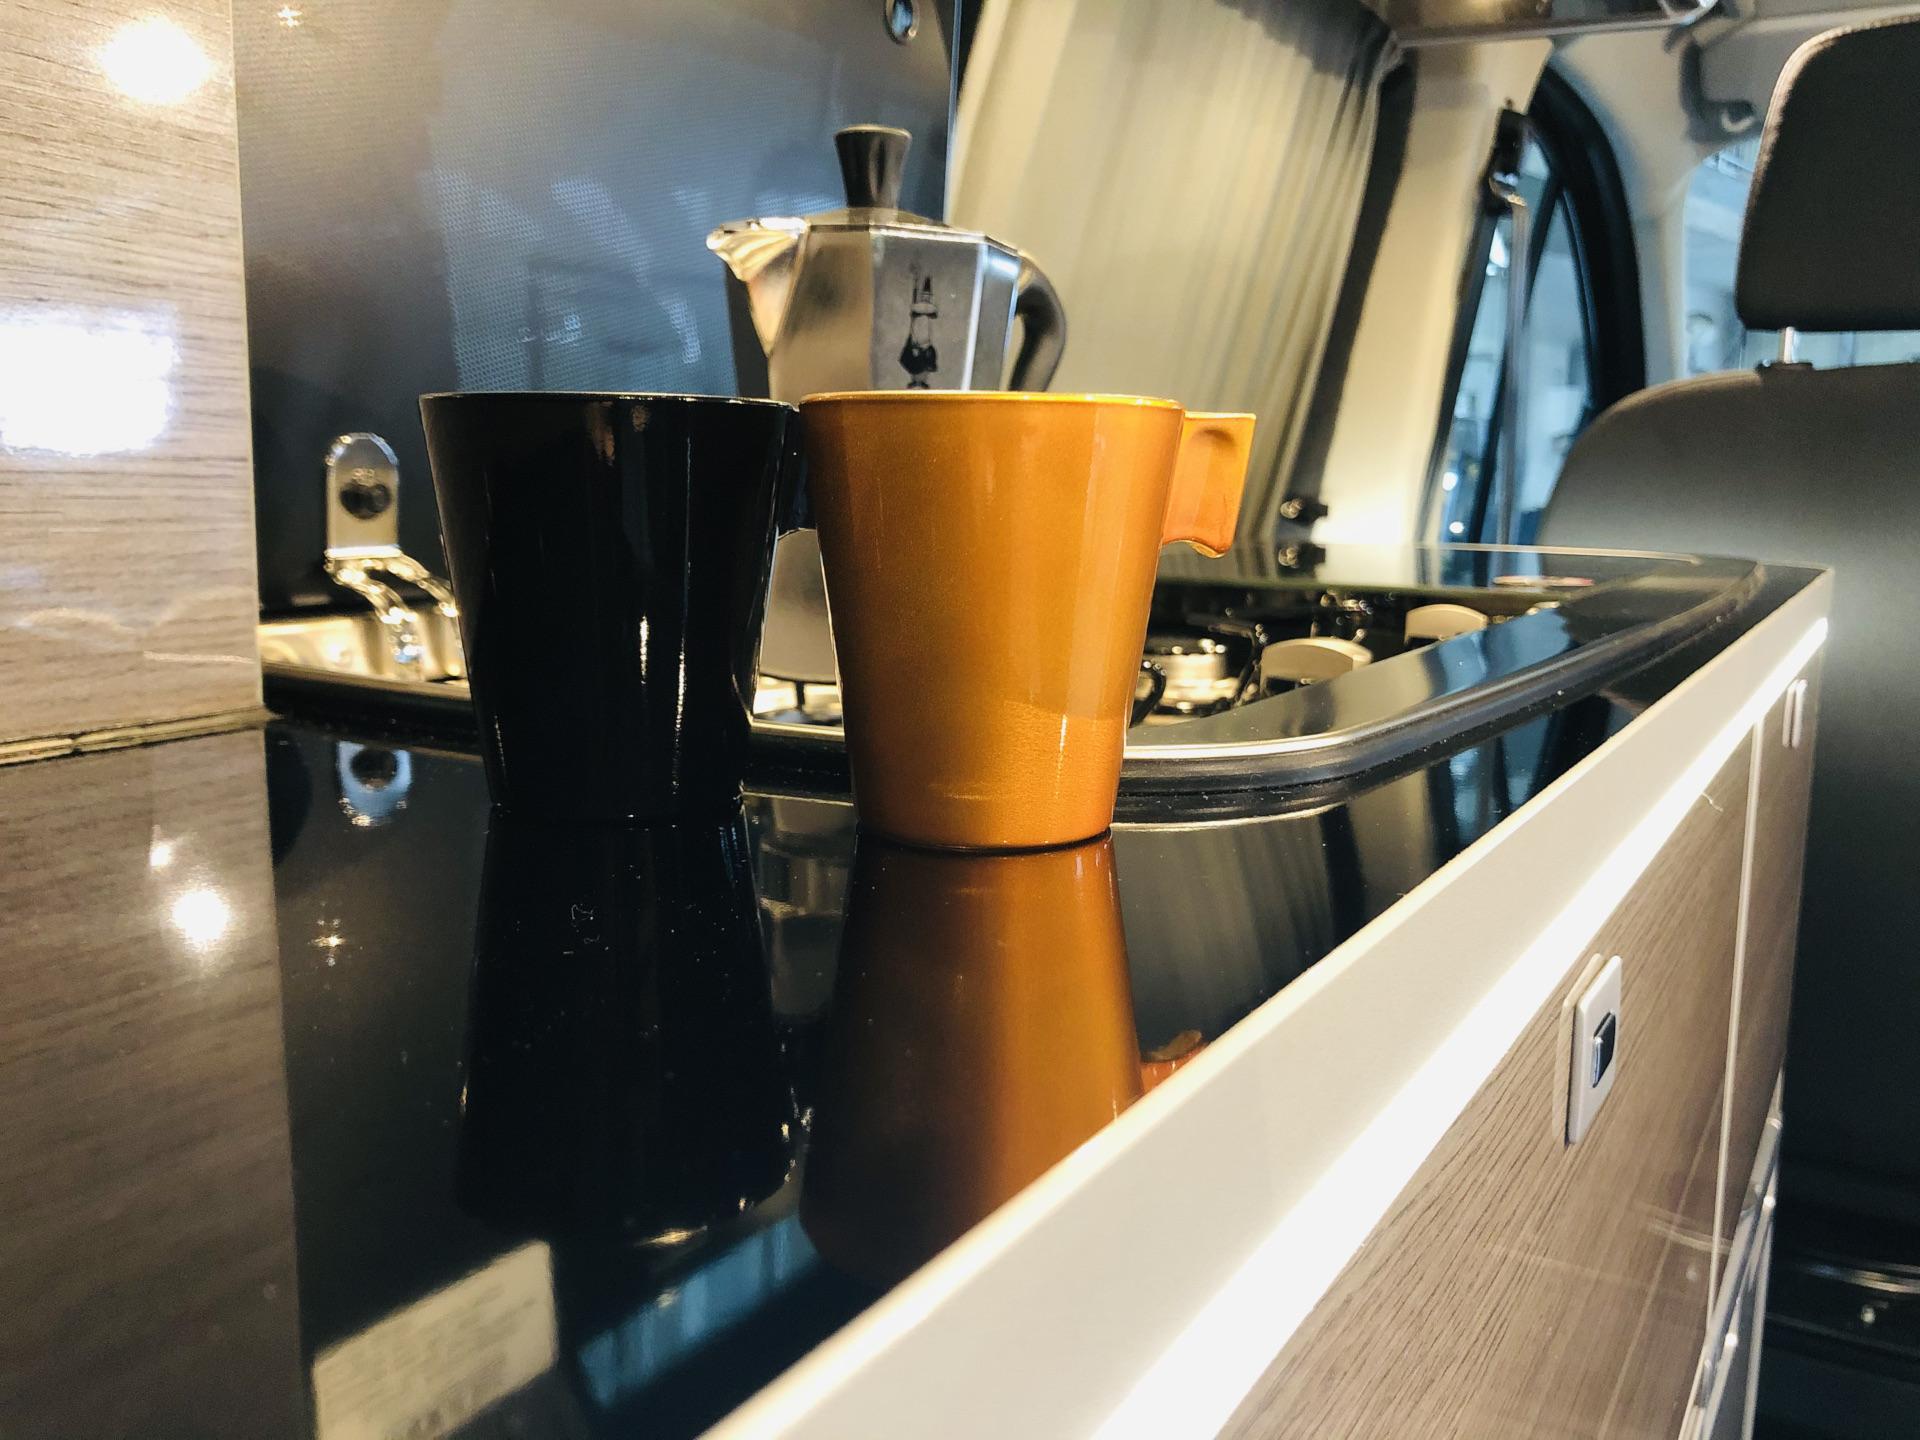 Arbeitsfläche und Kochfeld im Campingbus mit Espresootassen und Espresso-Kocher.